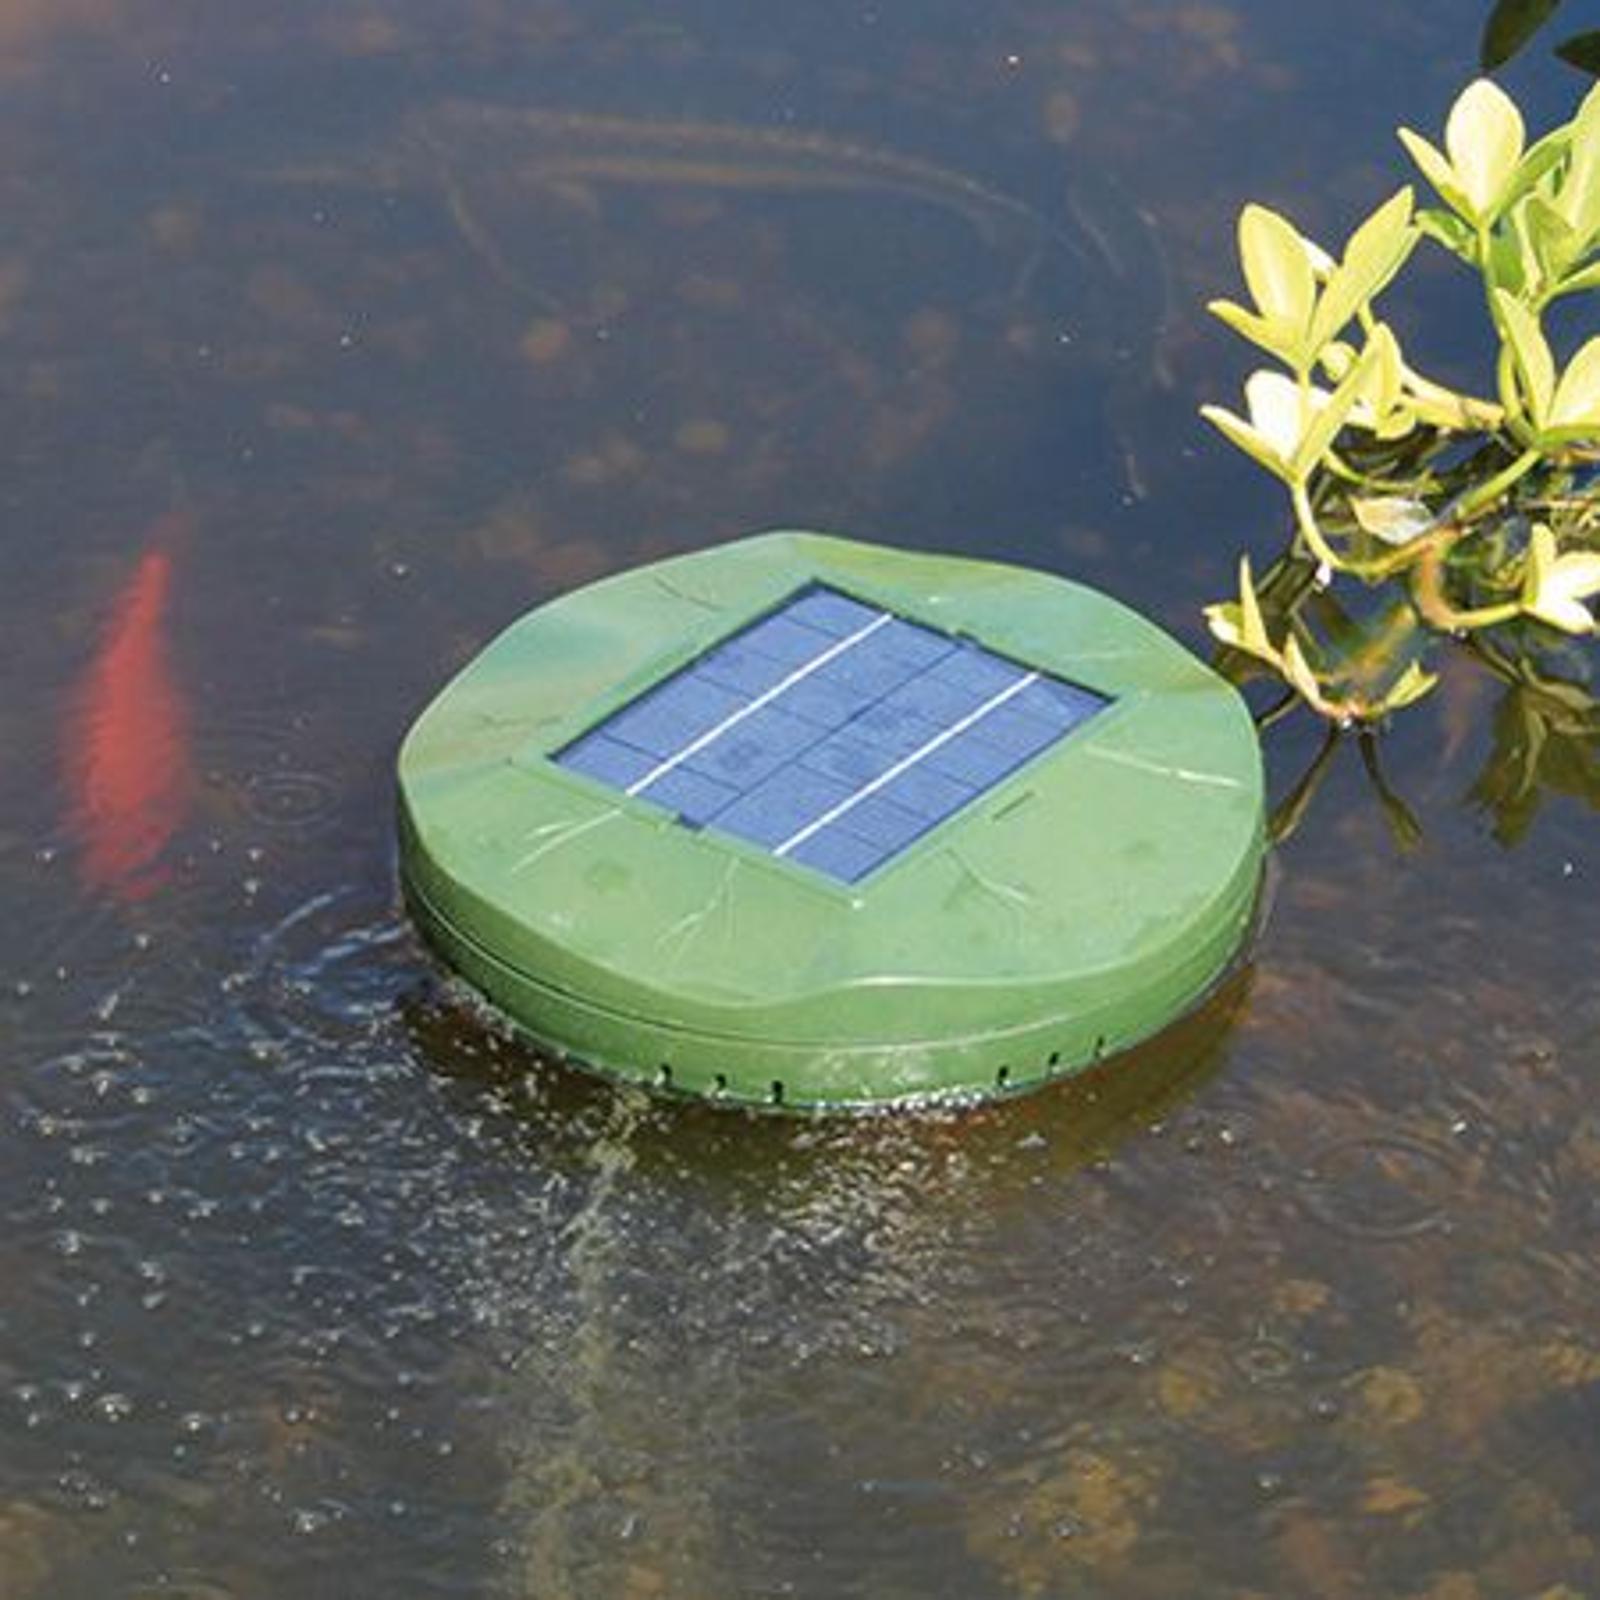 Solárny prevzdušňovač rybníkov Floating Air_3012528_1